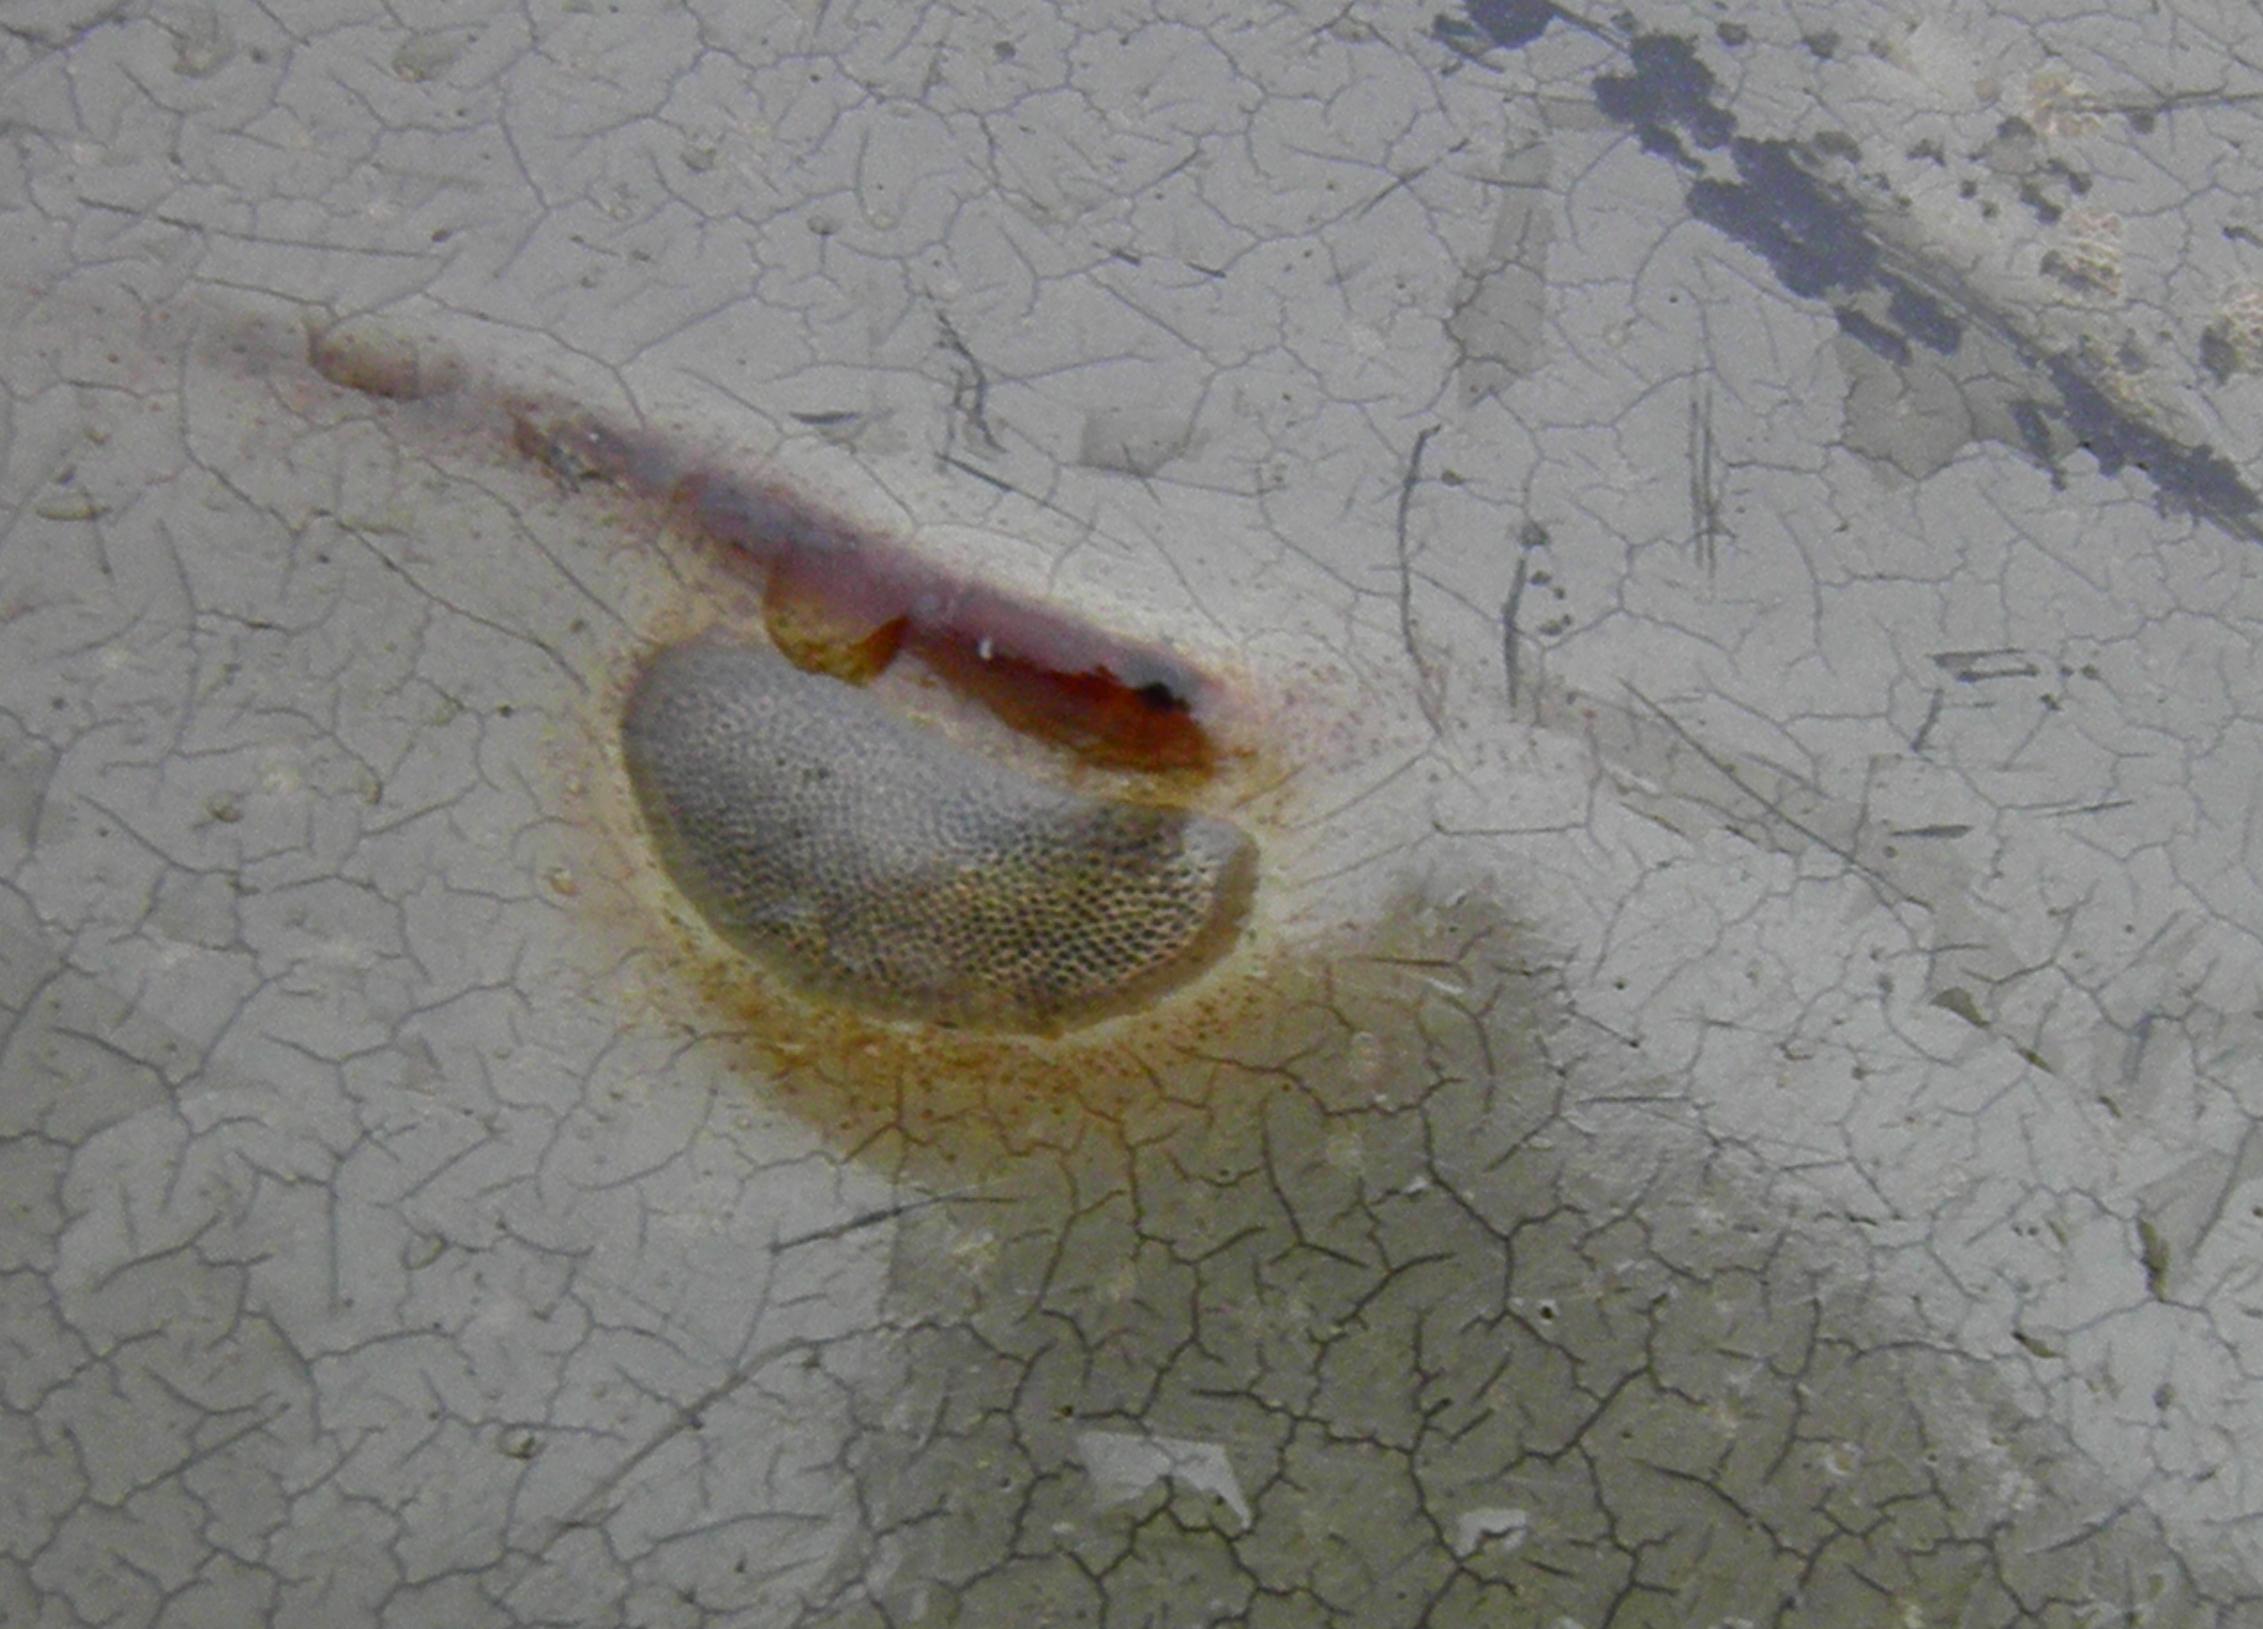 Giant Horseshoe Crab Horseshoe Crab Eye